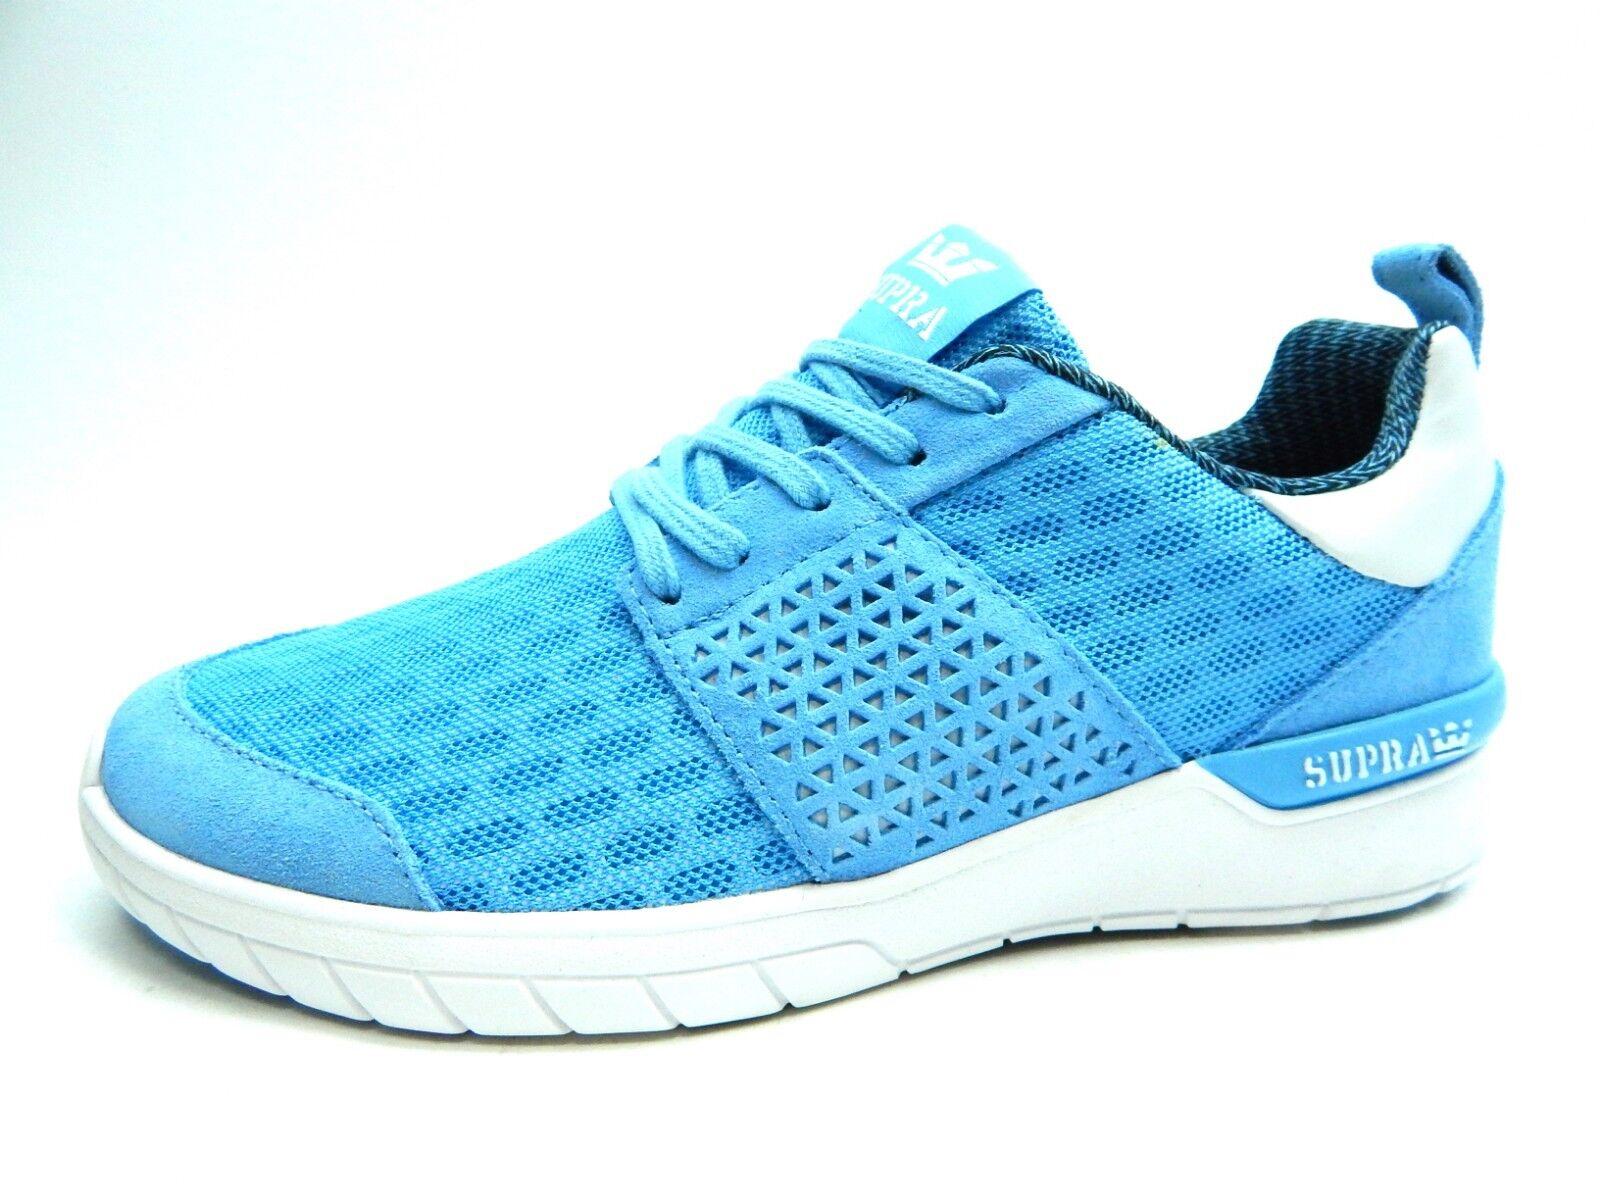 Supra Tijera Mujeres Zapatos Azul blancoo blancoo blancoo 98027-427-M  Envíos y devoluciones gratis.